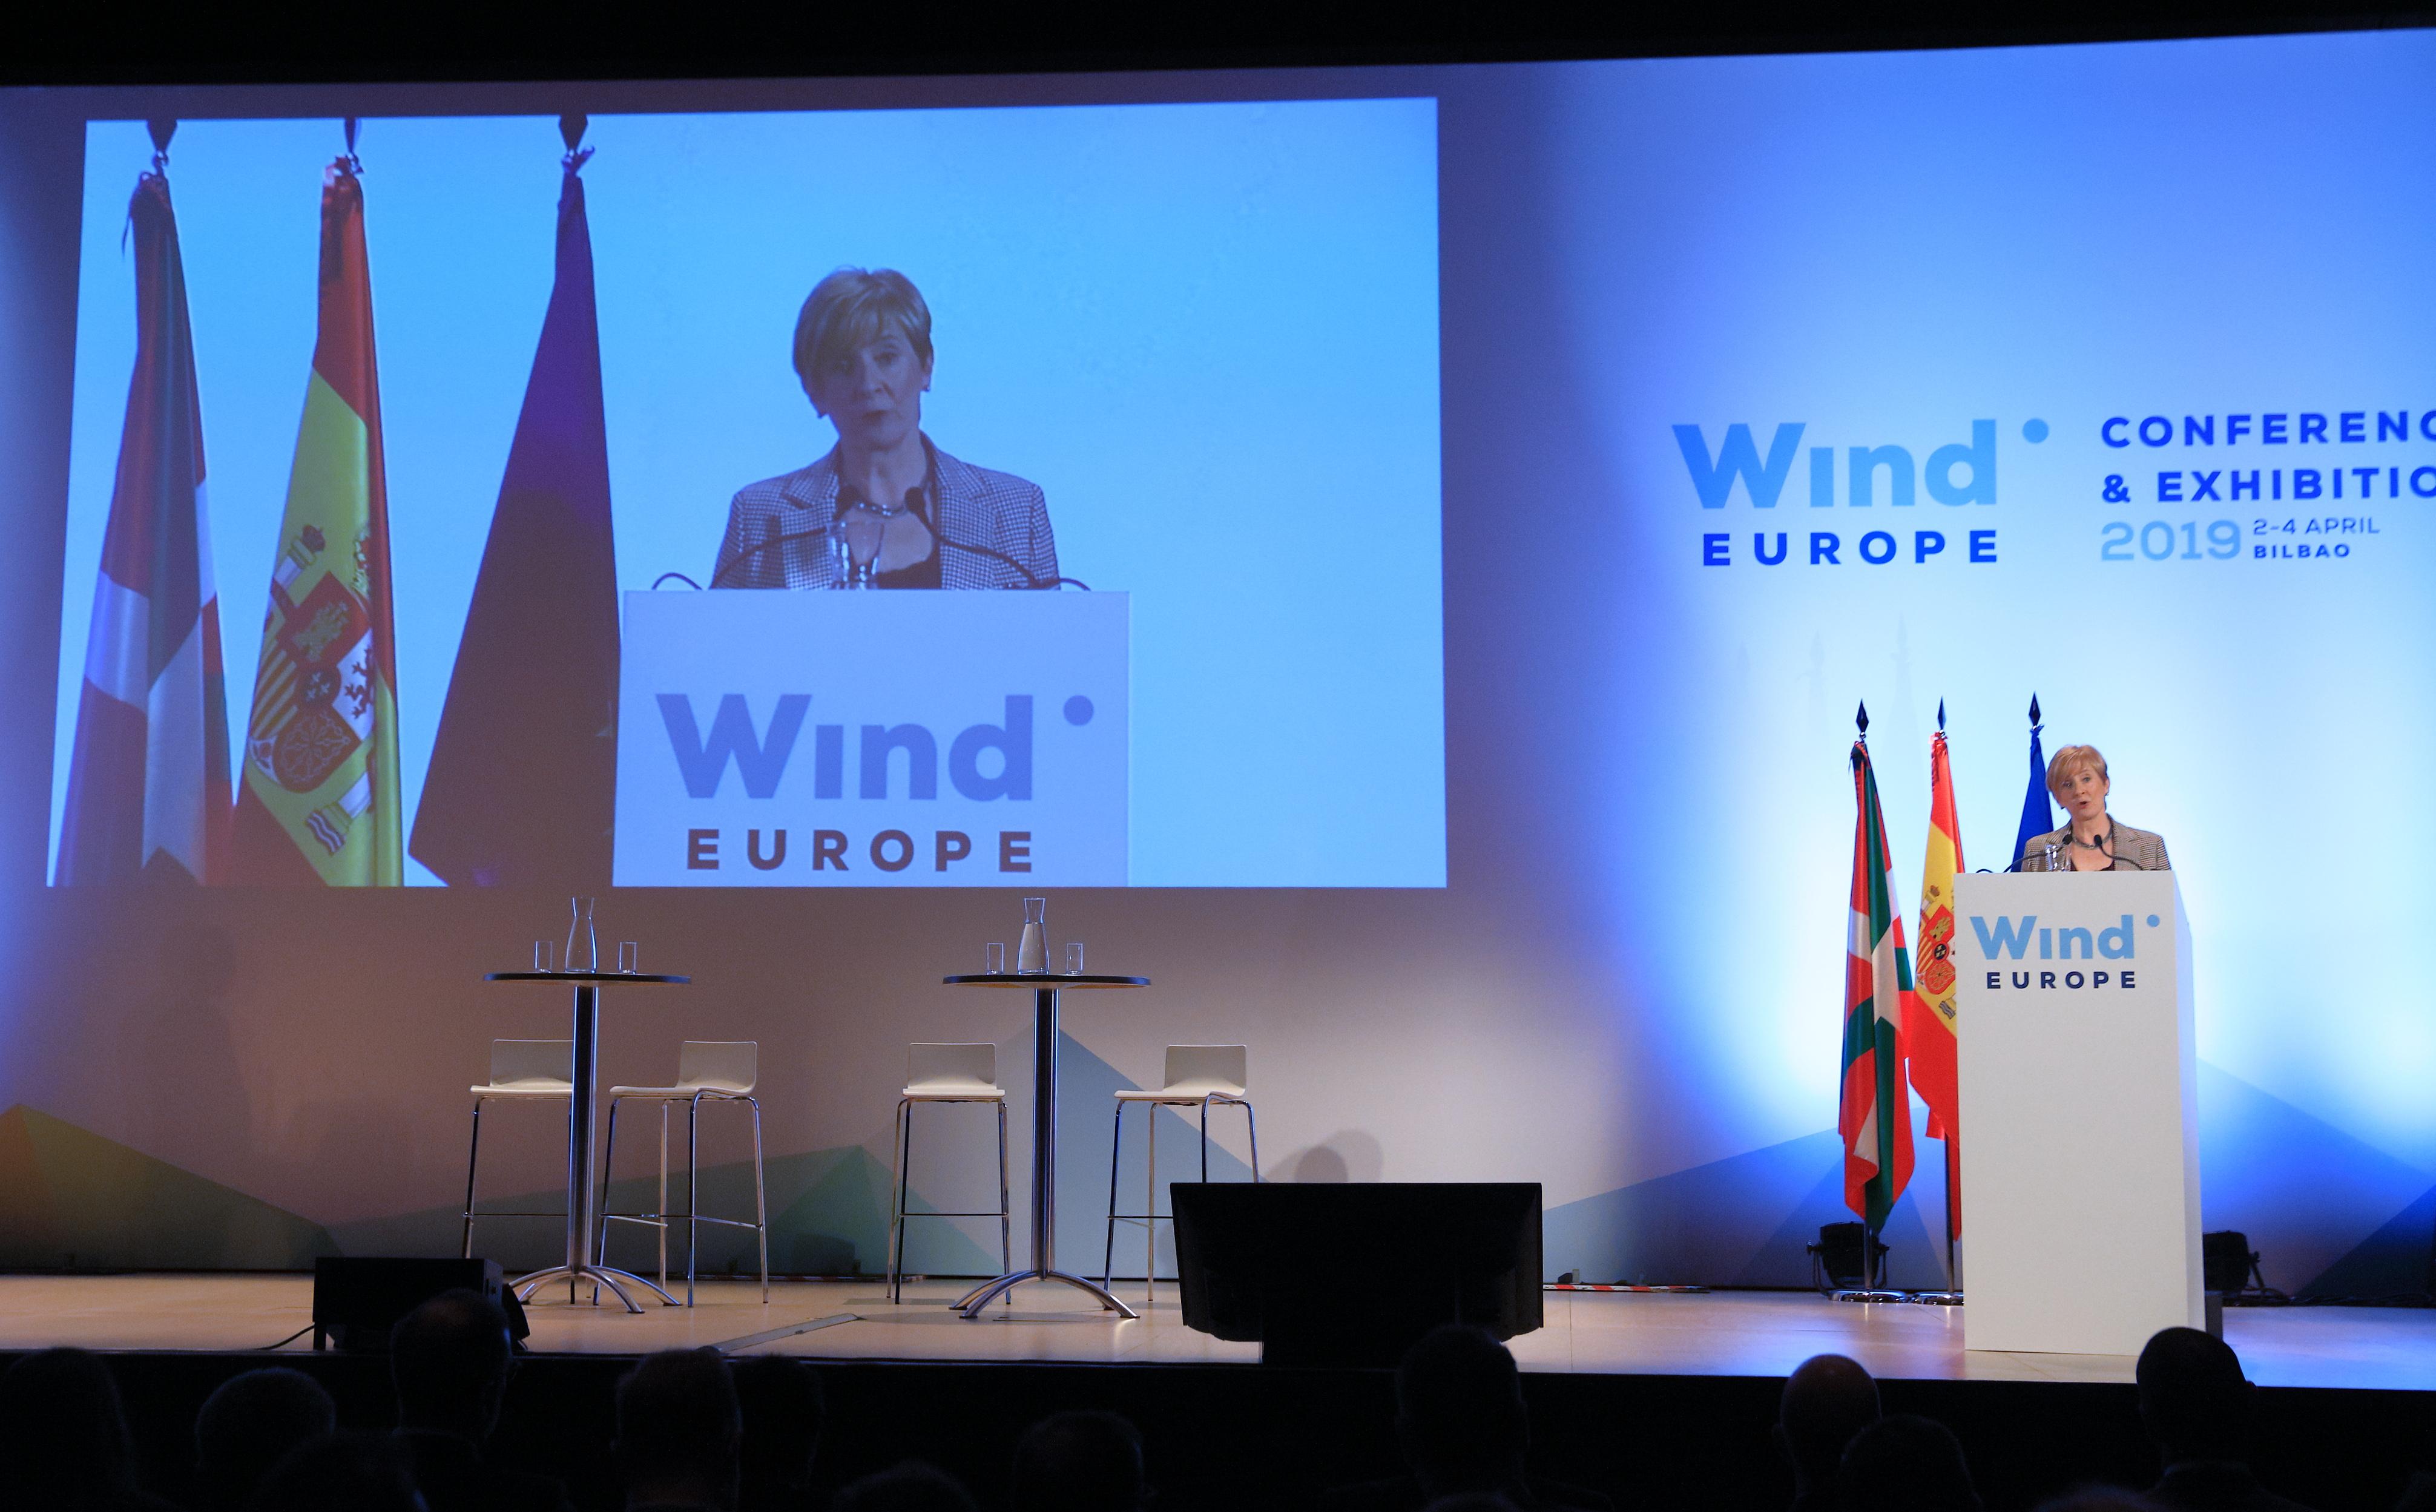 WindEurope_Tapia_015.JPG